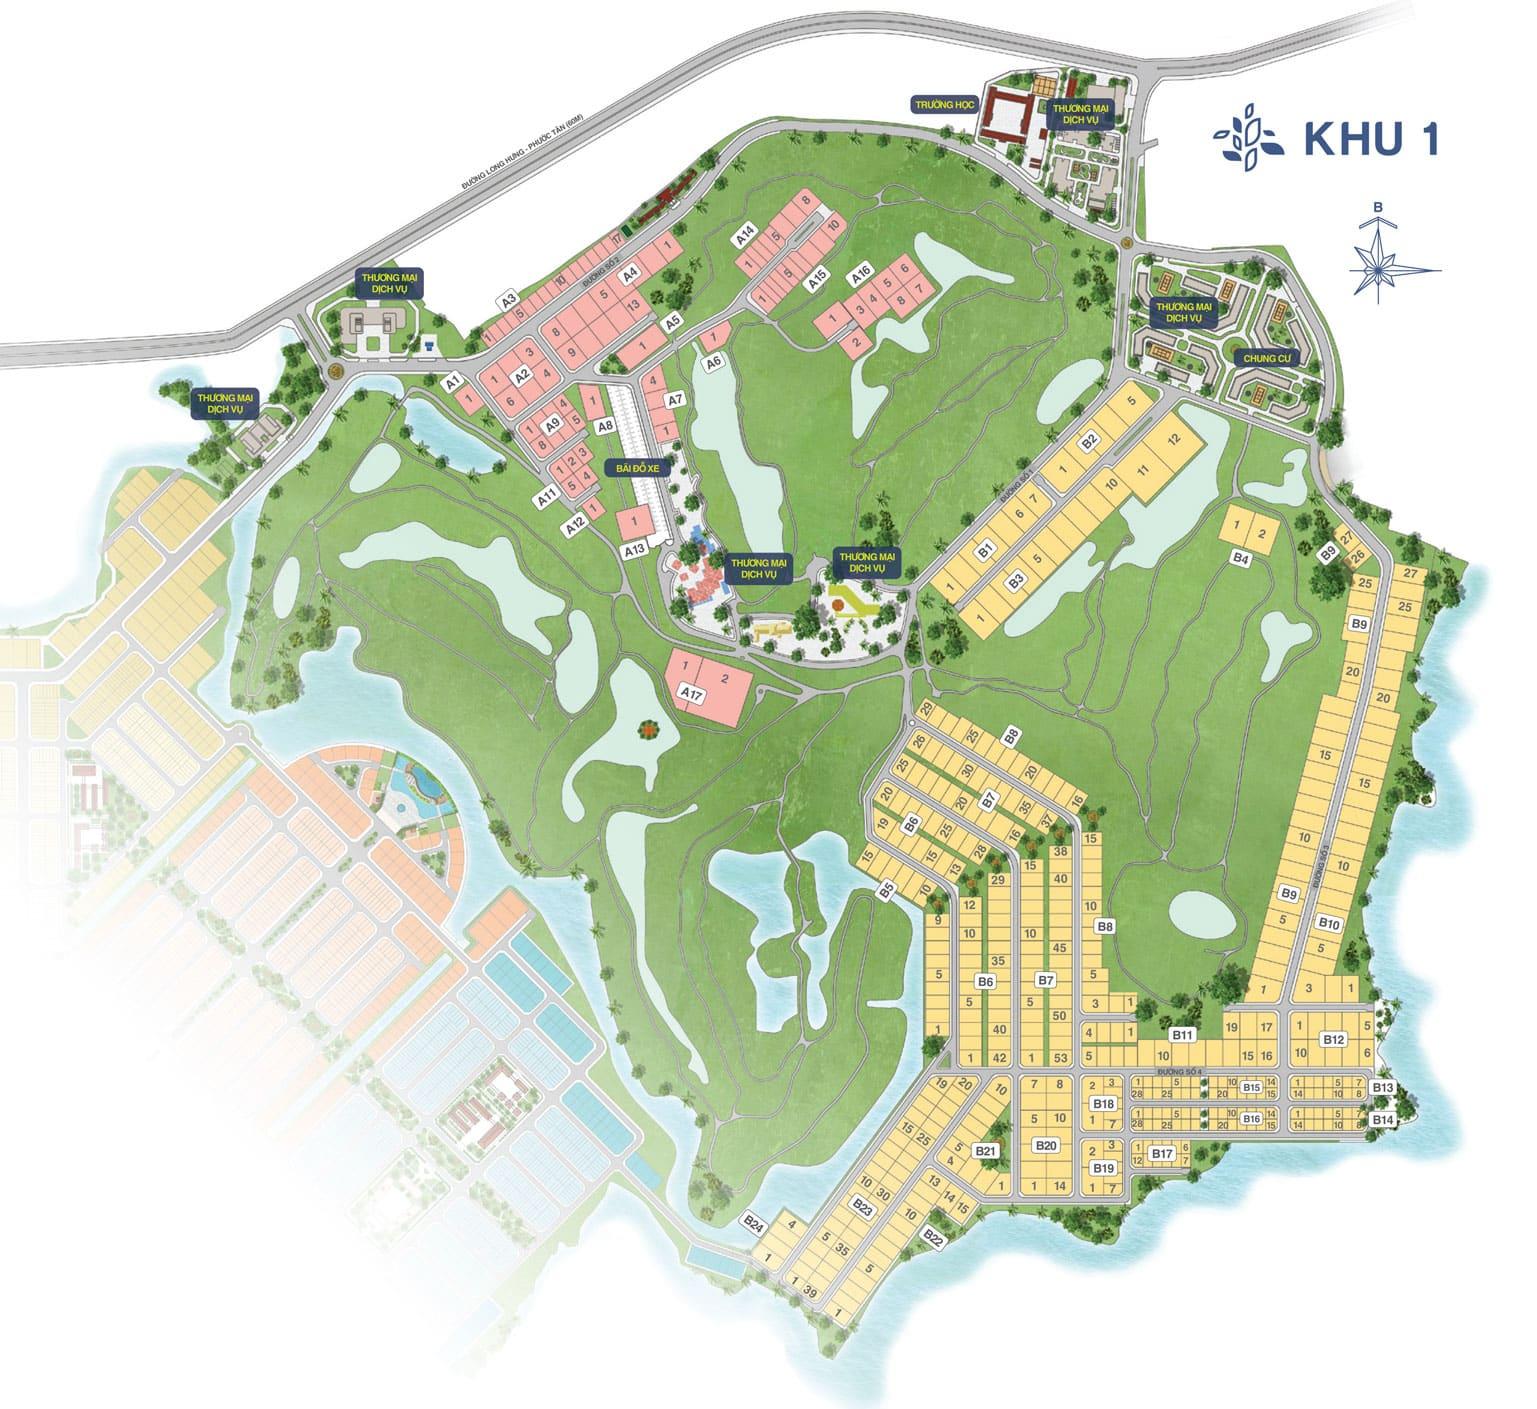 Mặt bằng Biên Hòa New City giai đoạn 2 - KHU 1